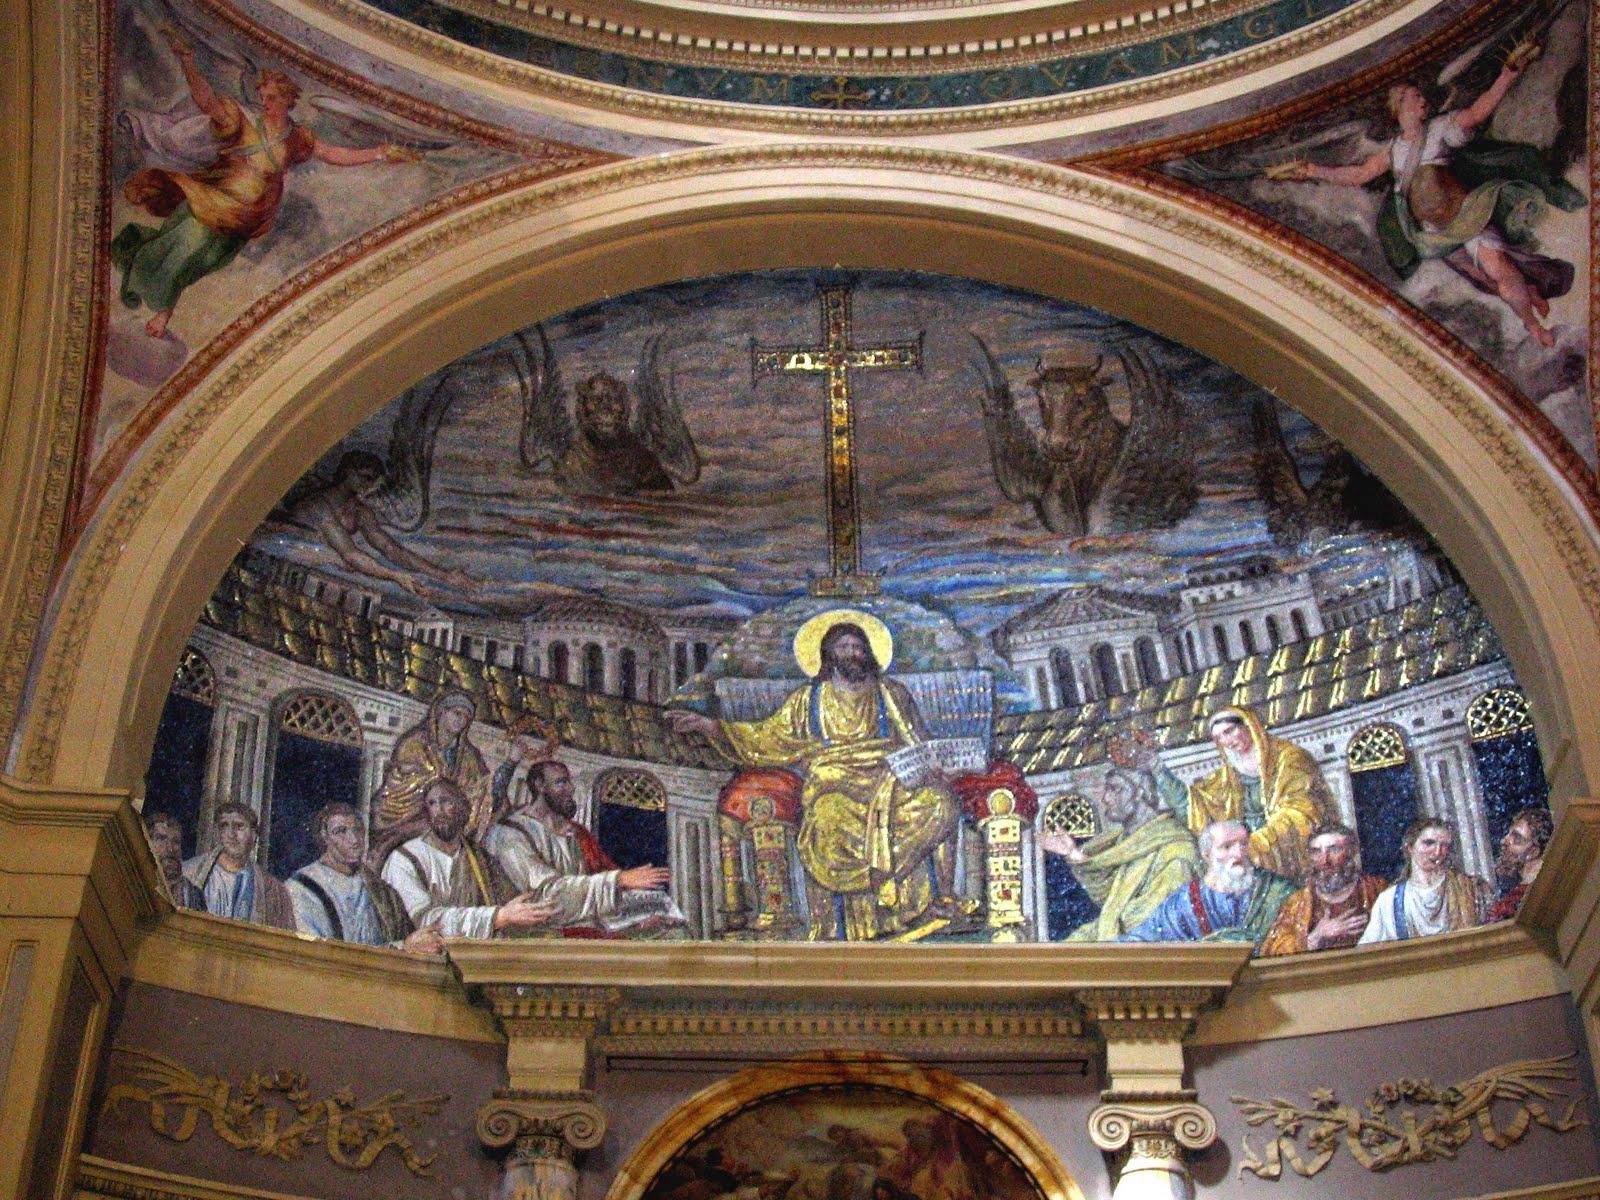 Cristo entronizado con los apóstoles en la Jerusalén Celestial muestra que el ilusionismo romano continuaba vivo y con buena salud en el arte paleocristiano